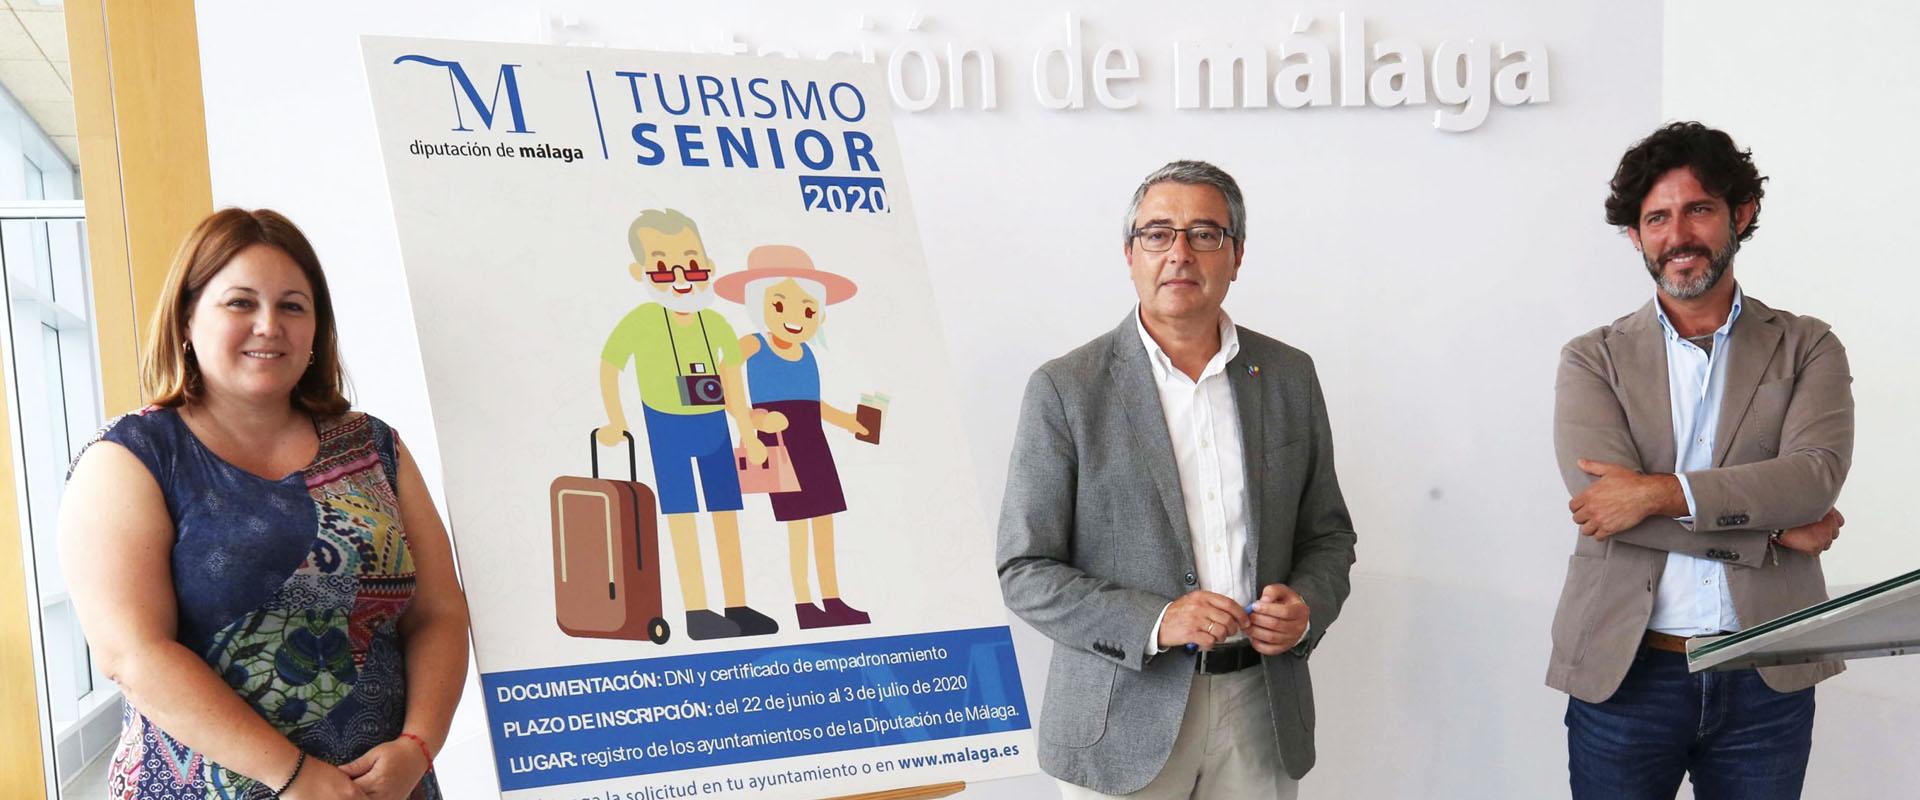 Turismo senior